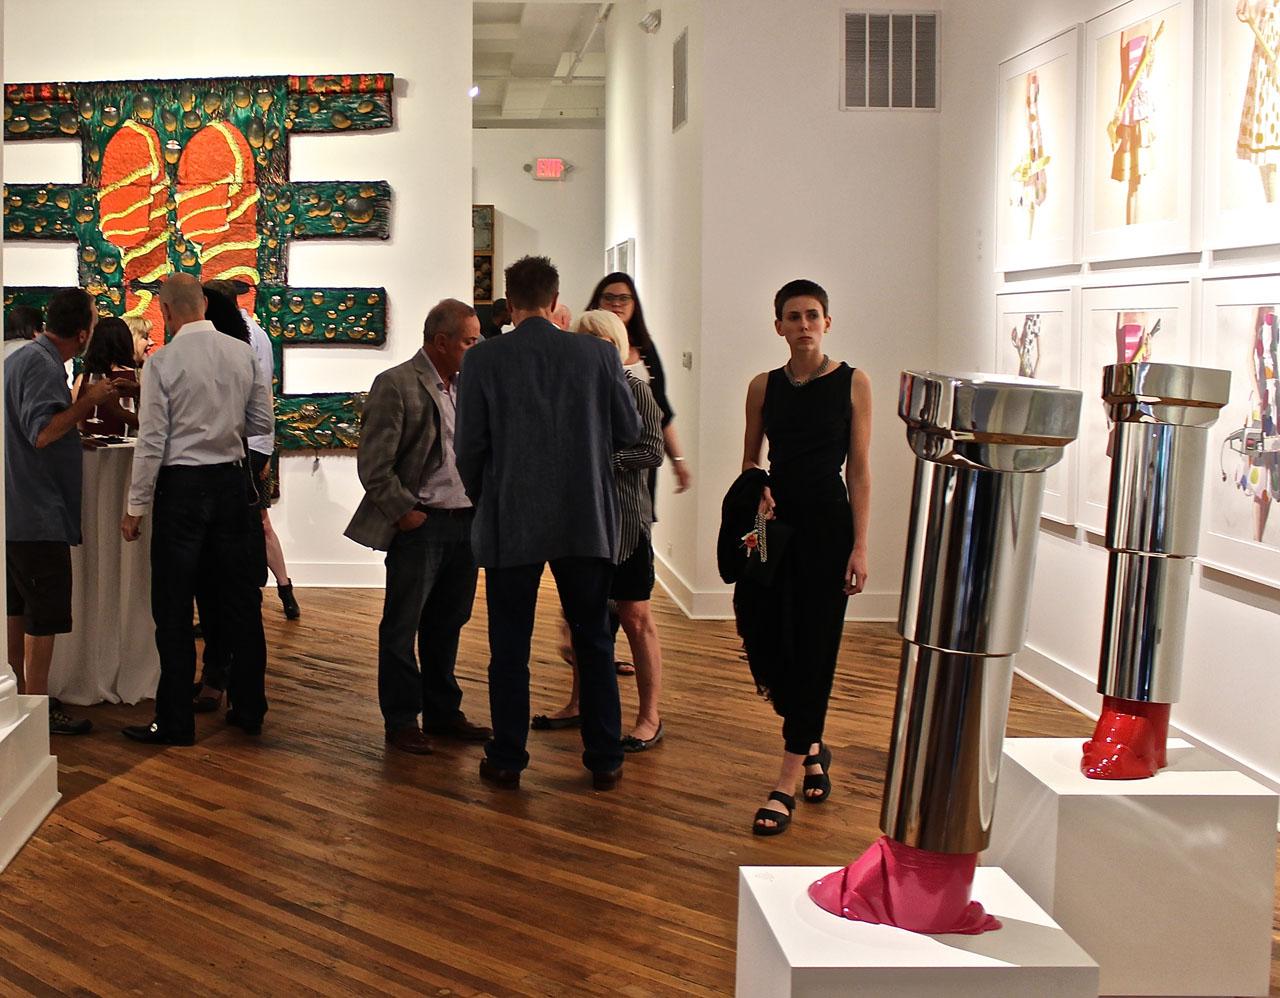 Opening-night crowd at David Klein Gallery Detroit